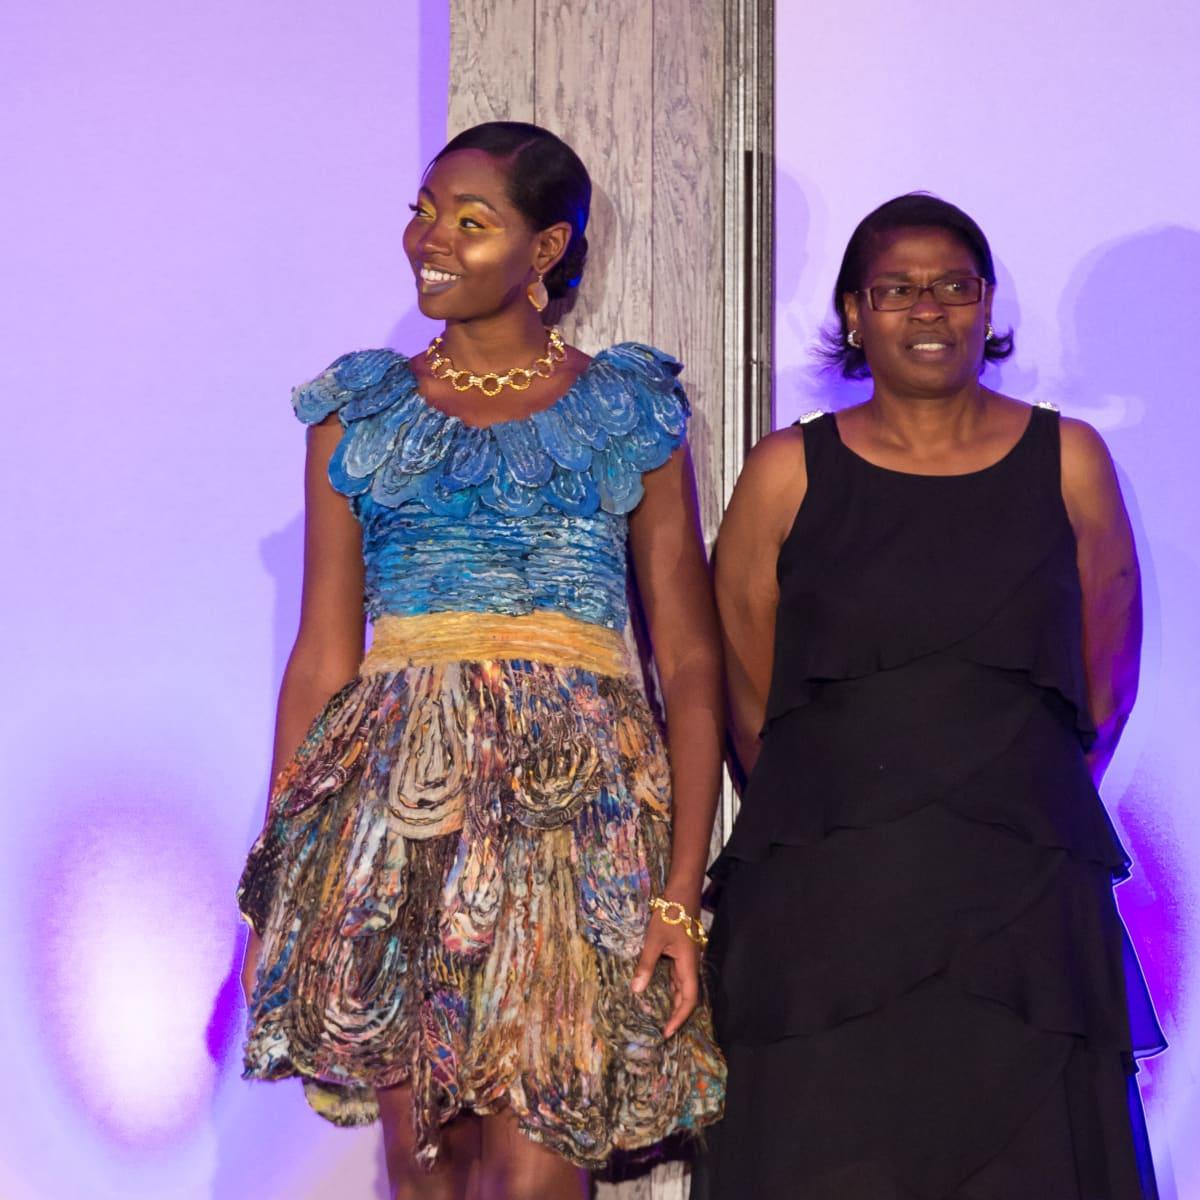 For The Sake of Art, Nevelyn Williams, yarn dress